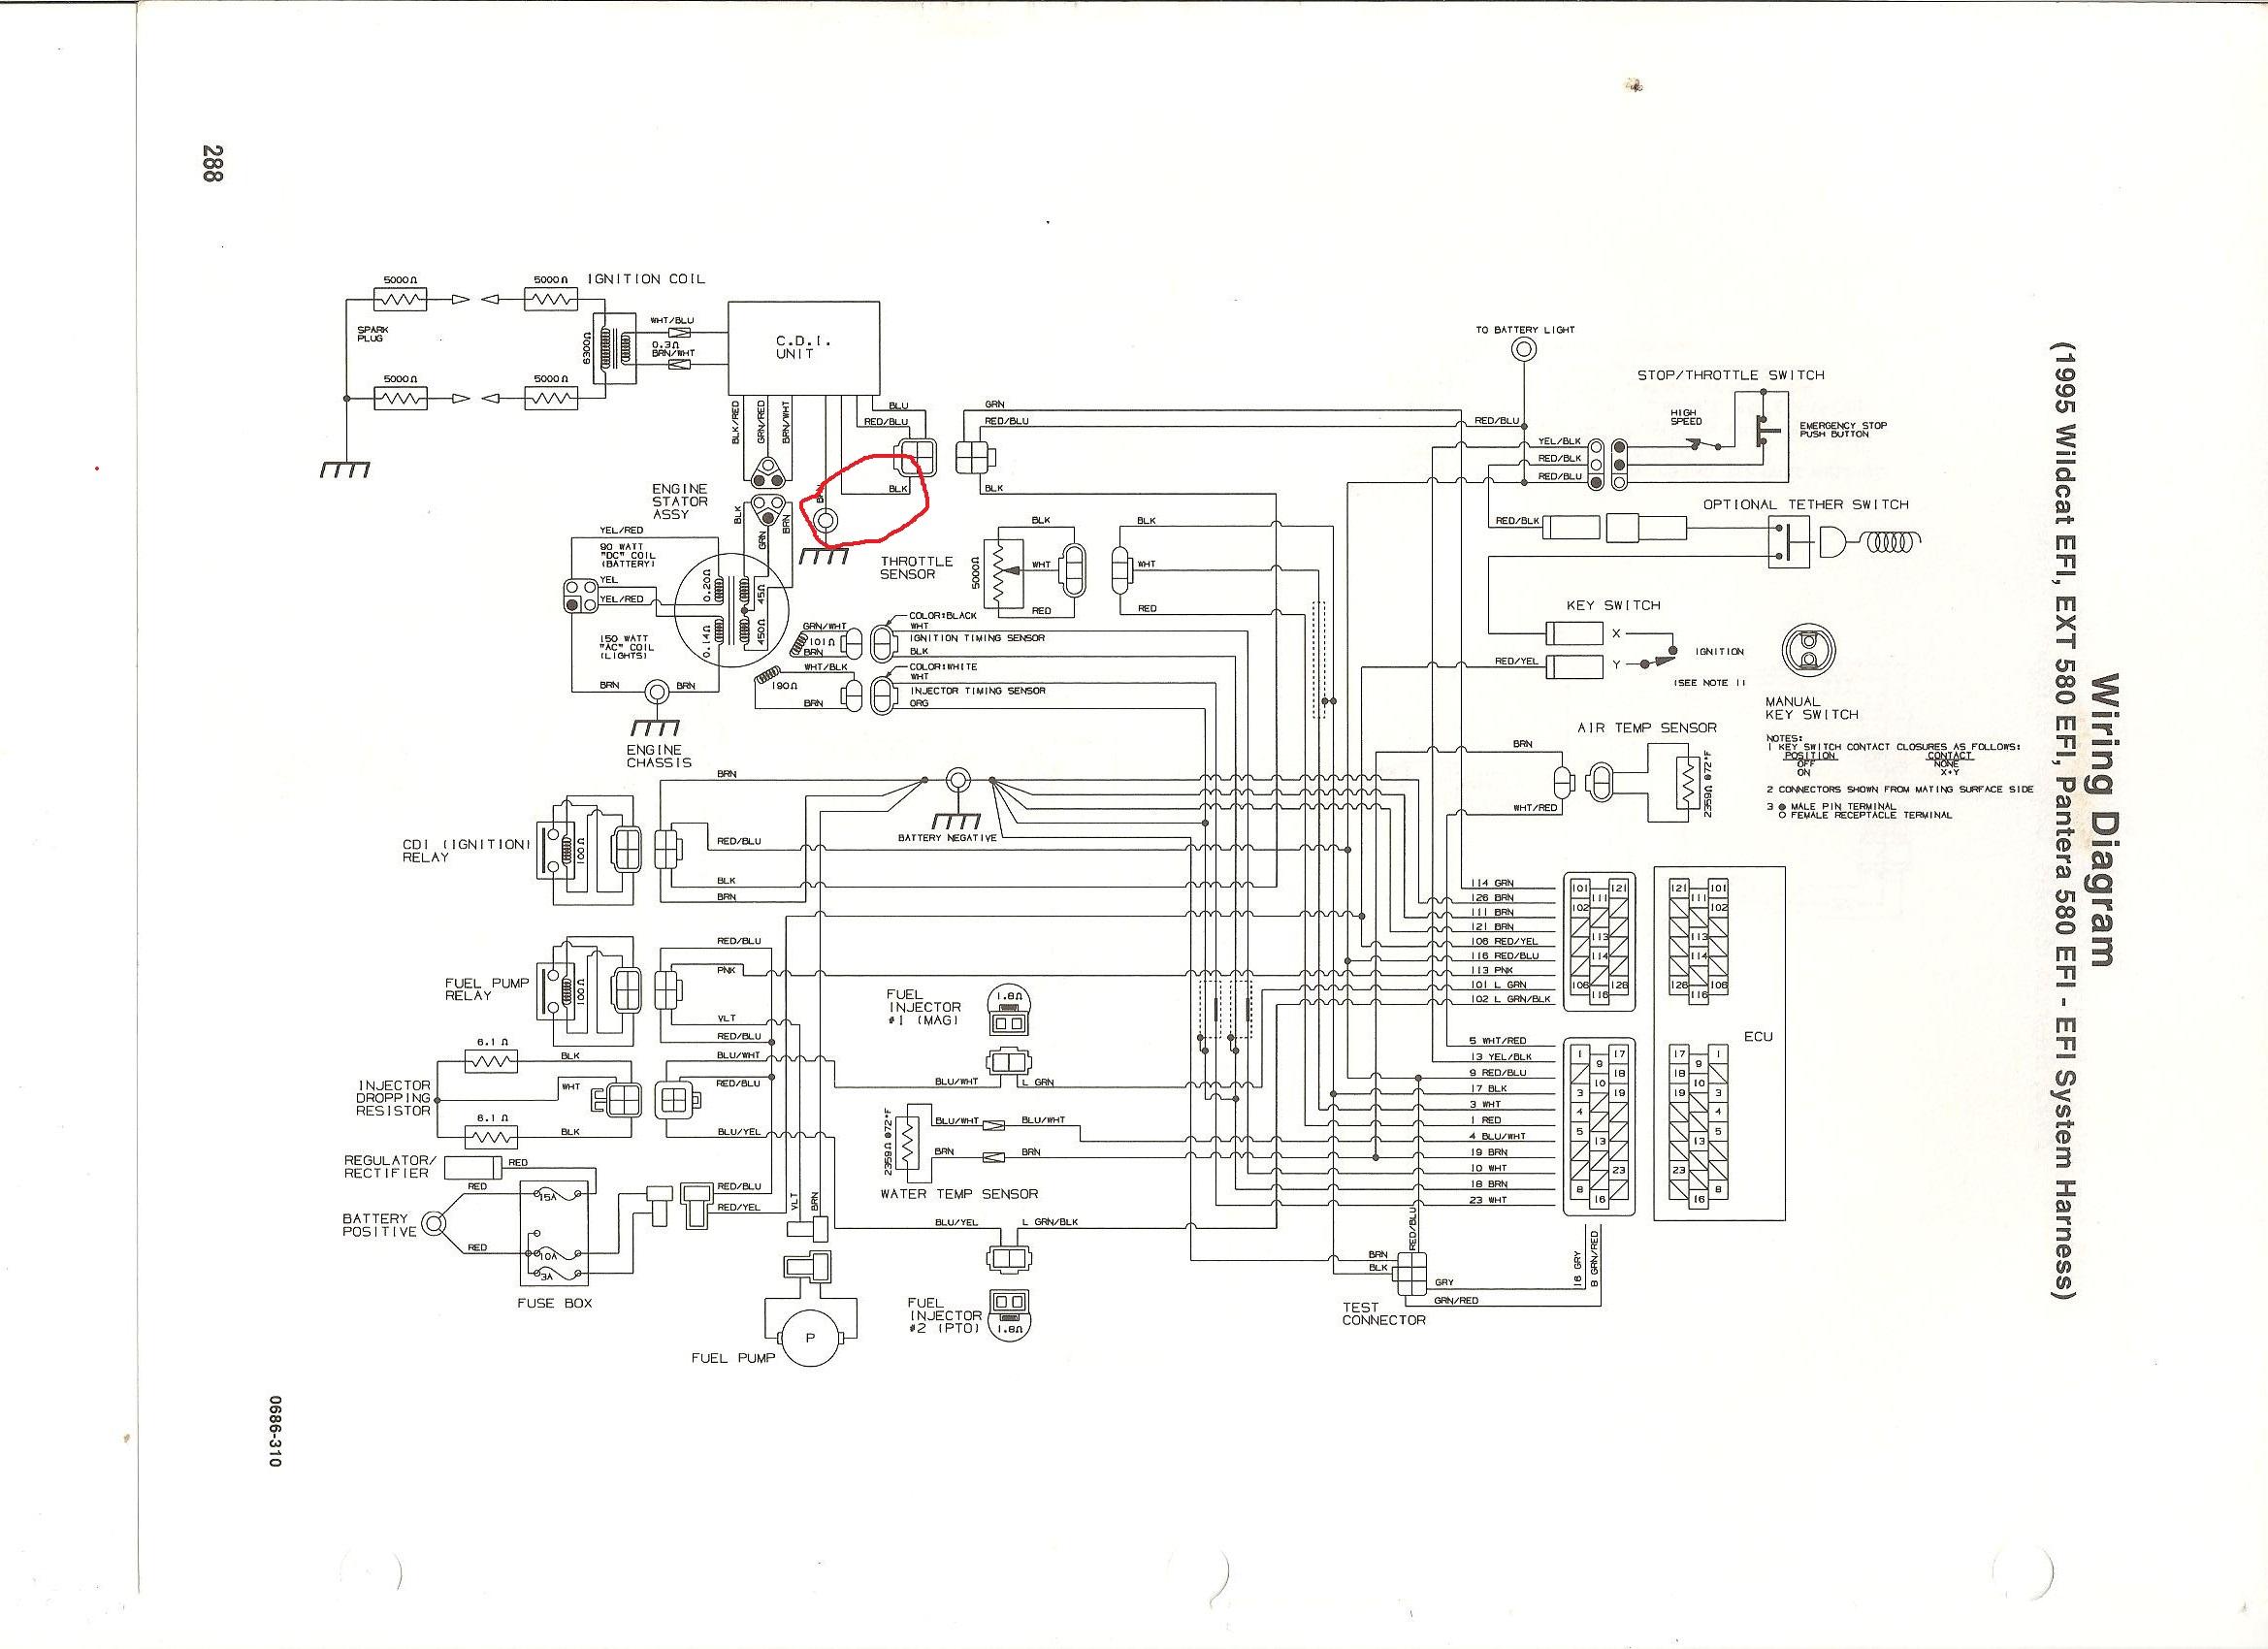 arctic cat jet ski wiring diagrams arctic cat tigershark wiring diagram wiring diagram schematics  arctic cat tigershark wiring diagram